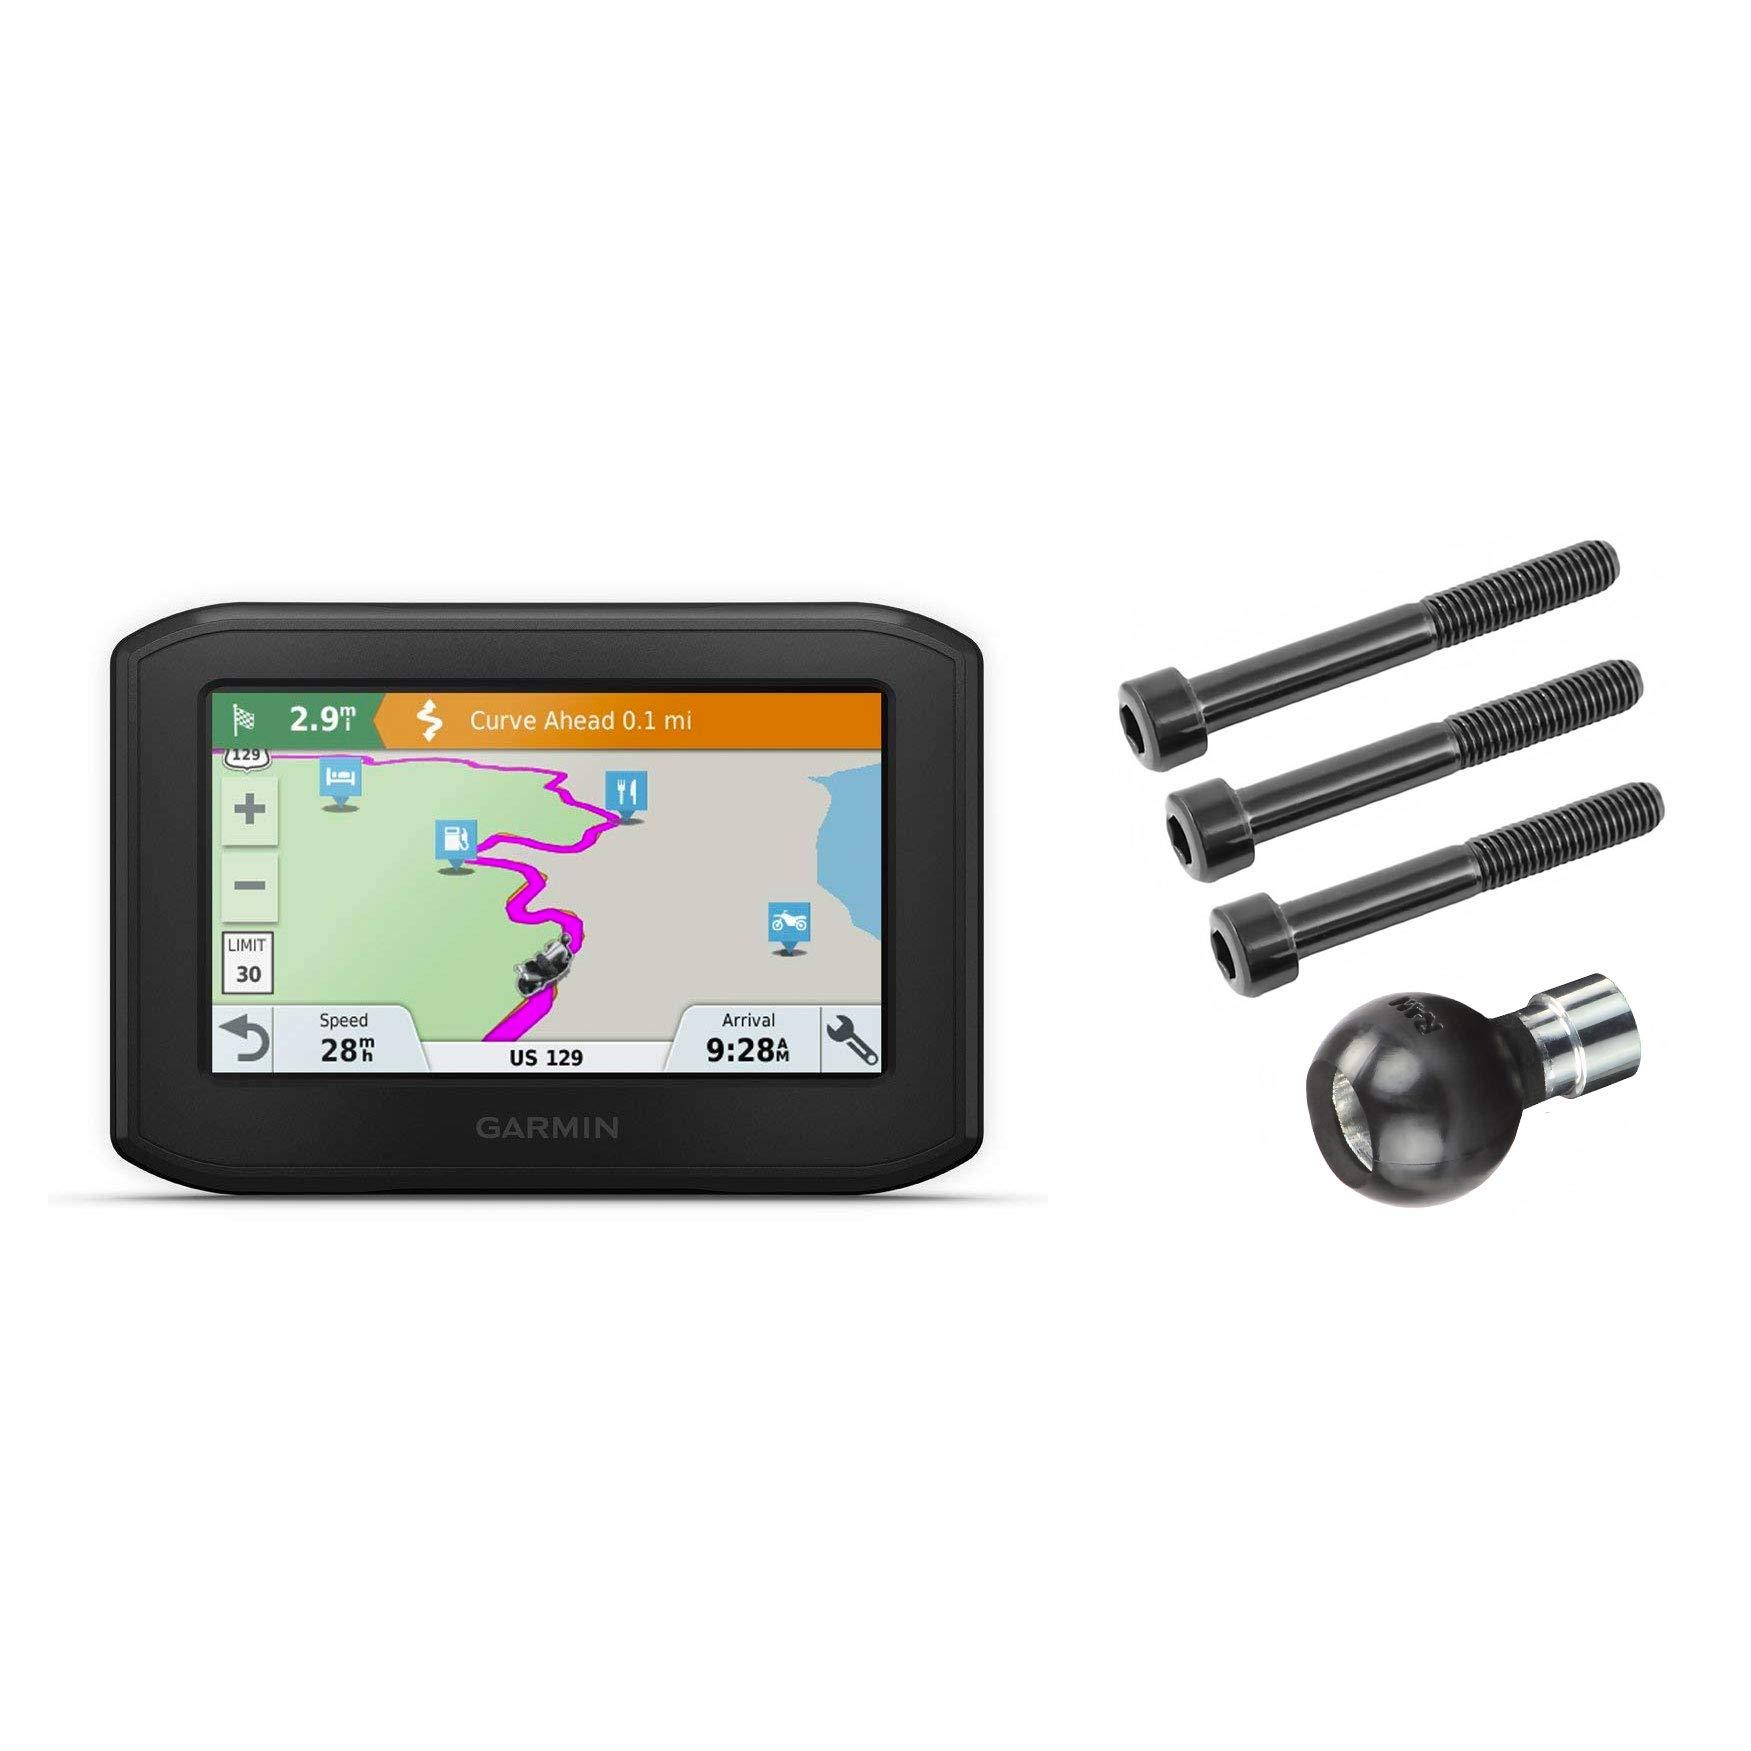 Garmin Zumo 396 LMT-S, Motorcycle GPS with RAM-B-367U Motorcycle Handlebar Clamp Mount 010-02019-00